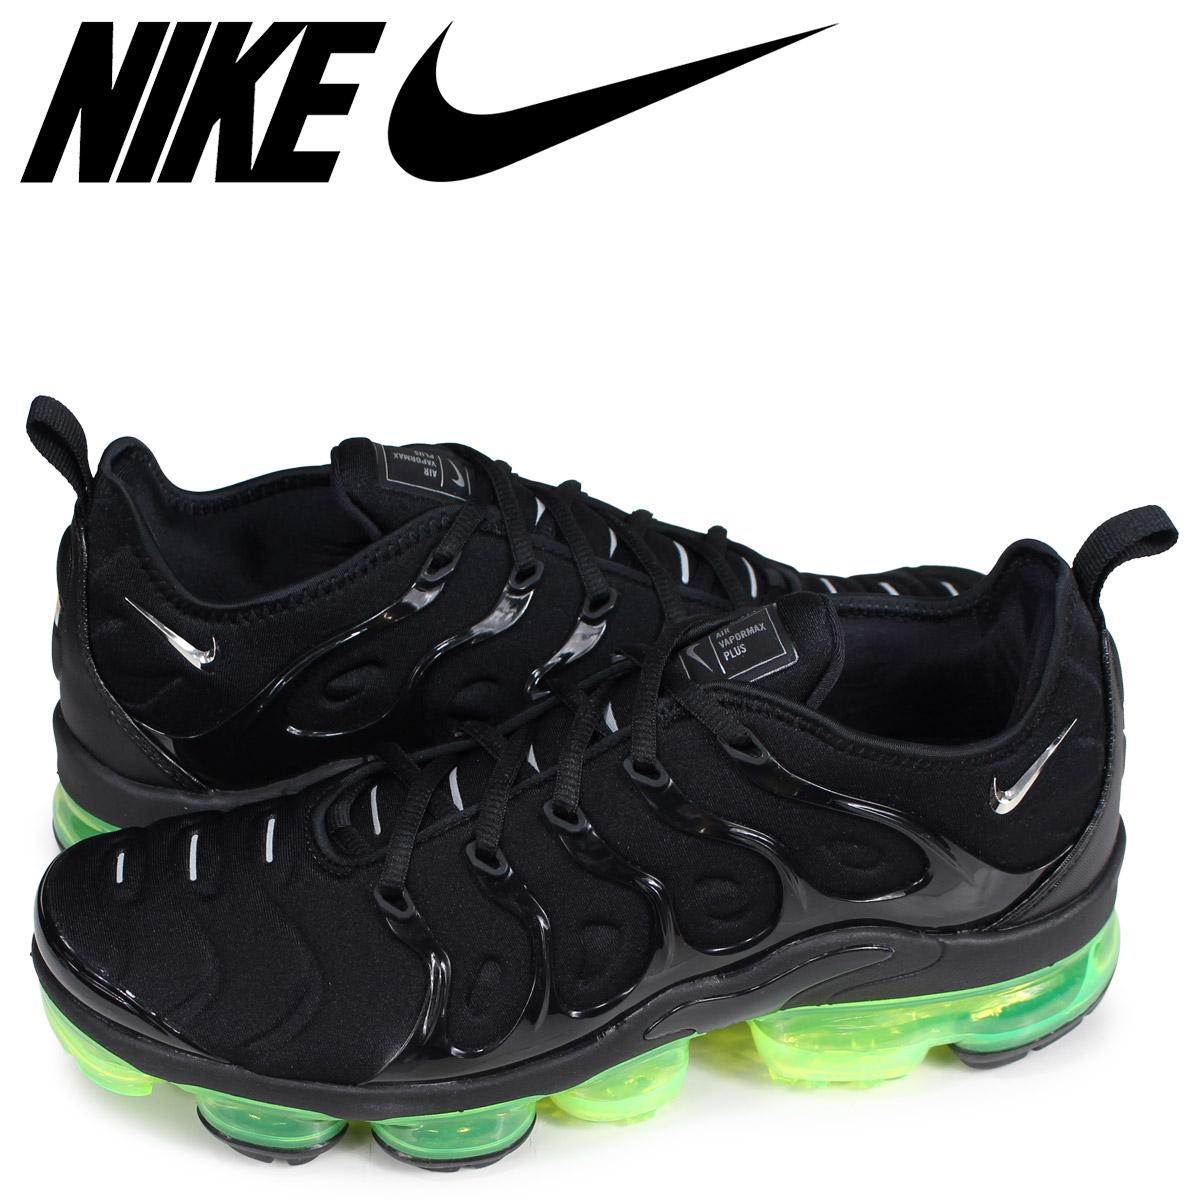 reputable site 5557c 505e7 NIKE AIR VAPORMAX PLUS Nike vapor max plus sneakers men gap Dis black  924,453-015